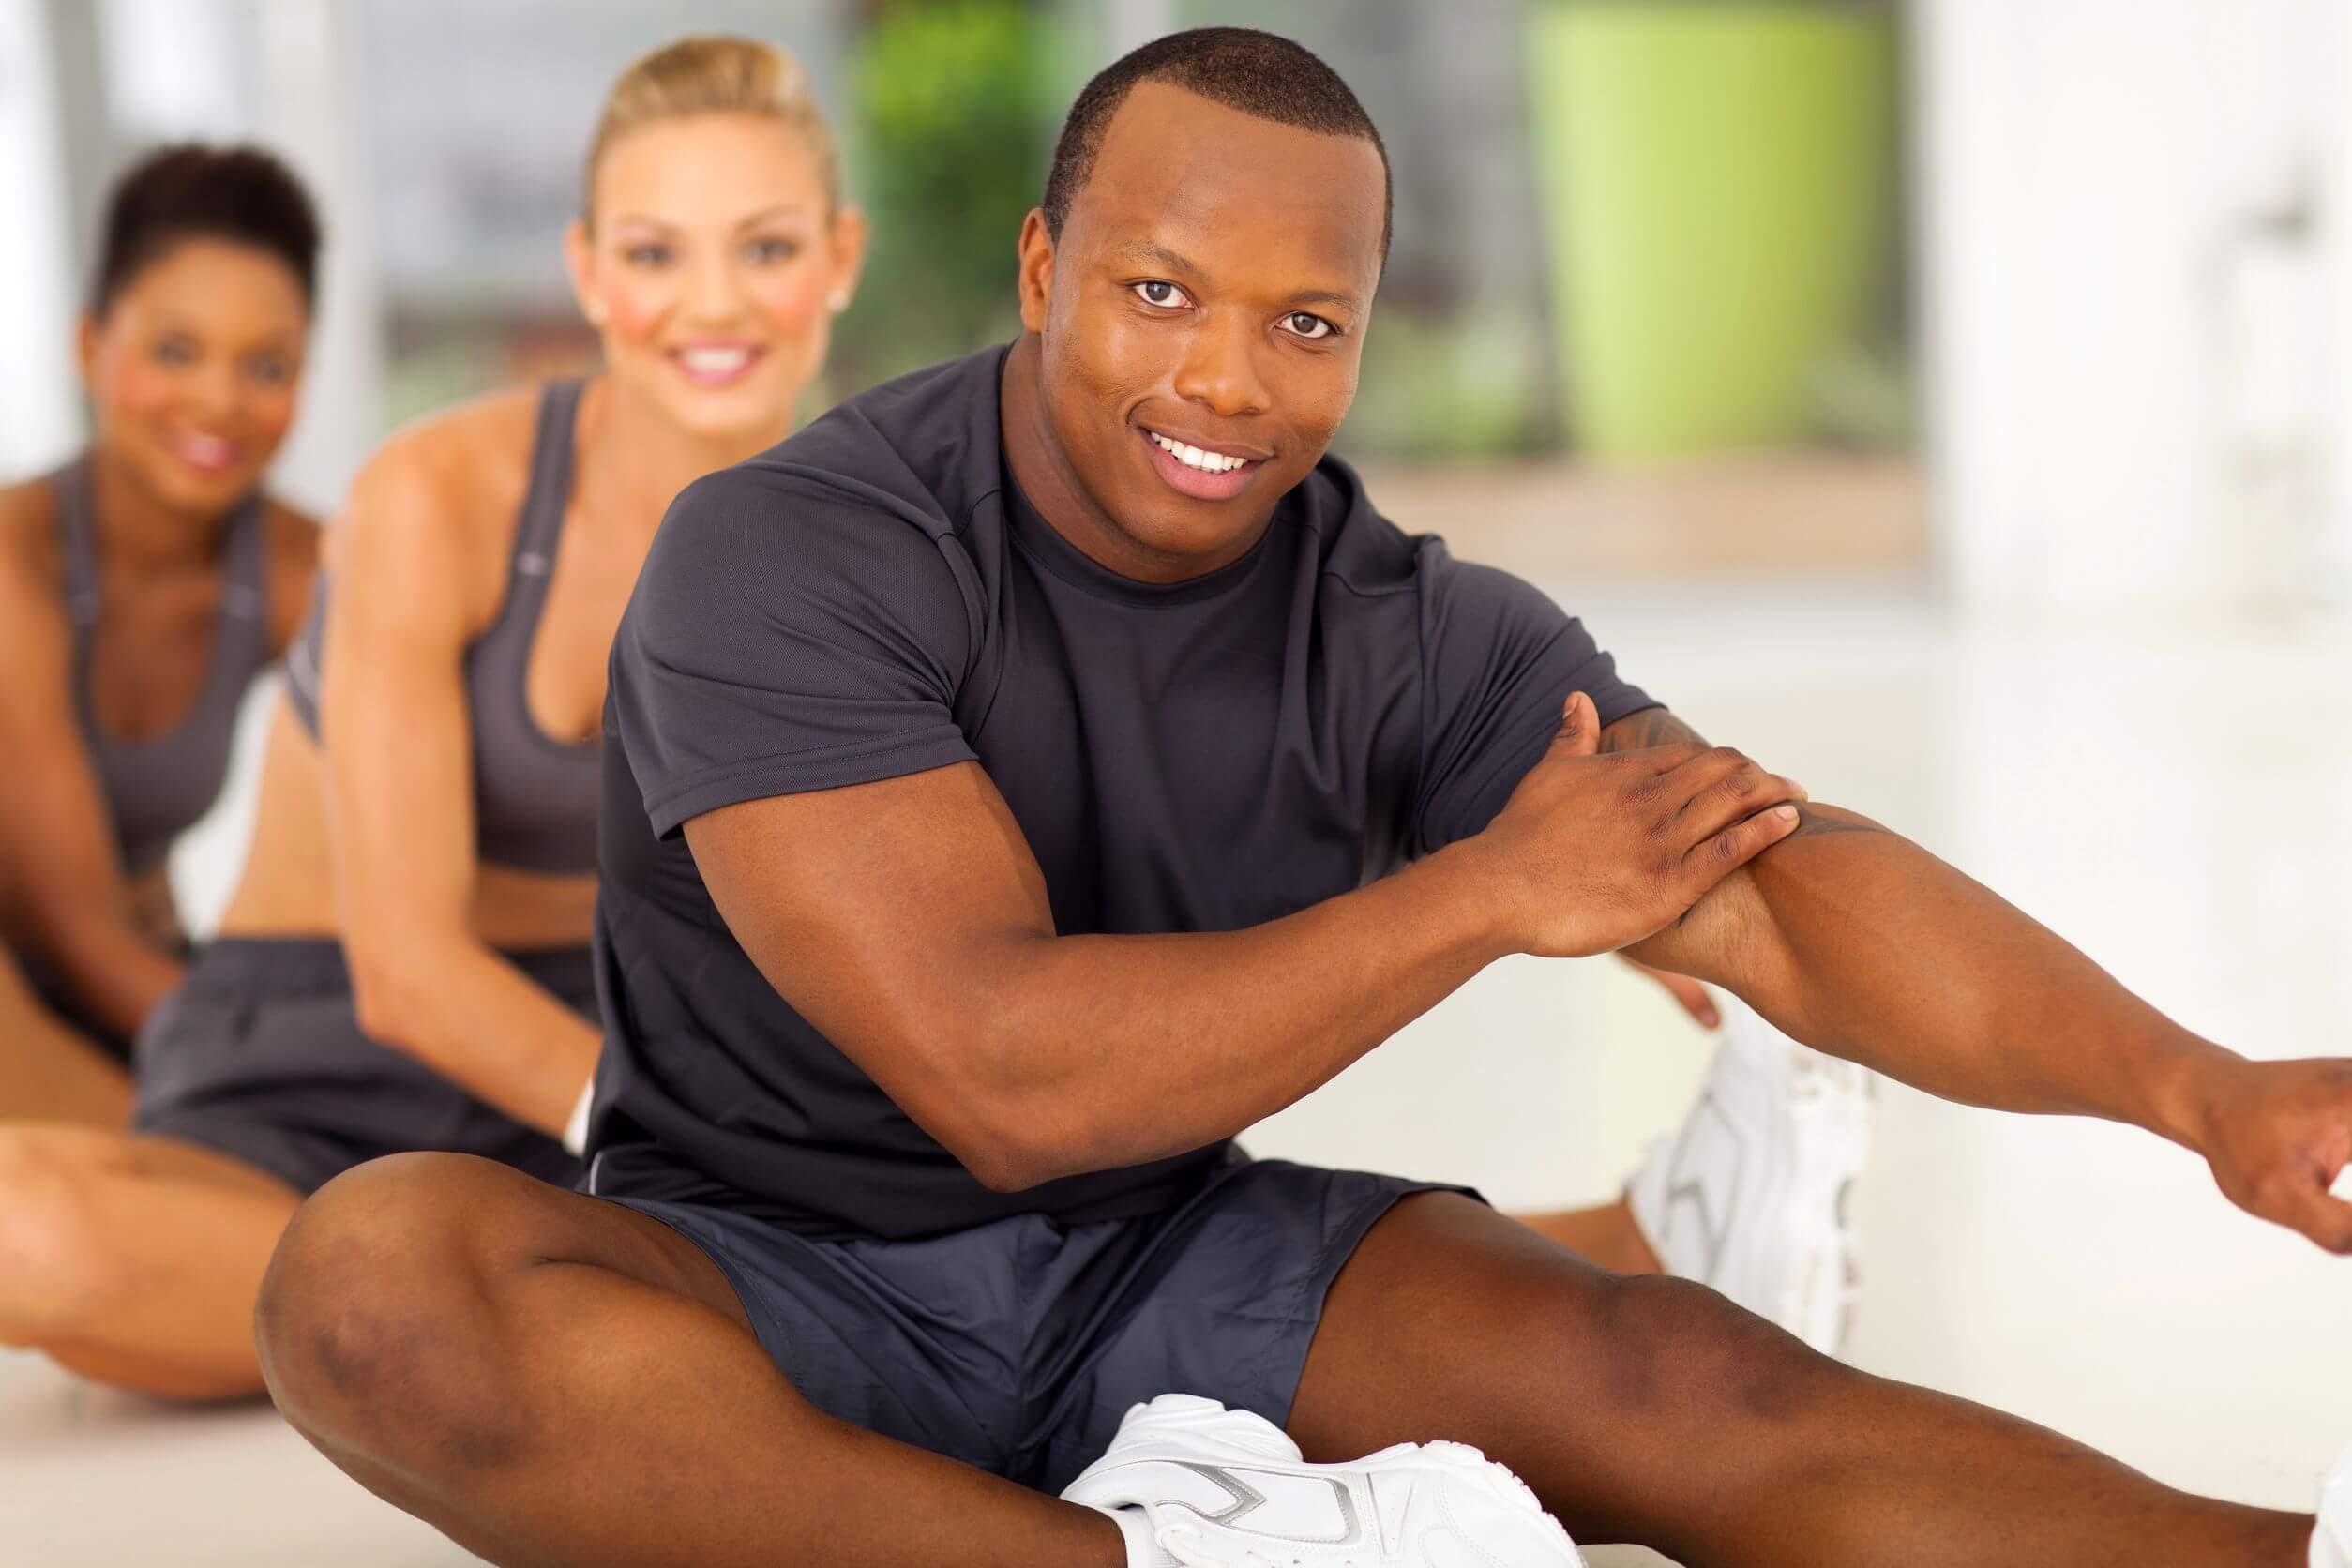 Os benefícios psicológicos de viajar também afetam a saúde física.